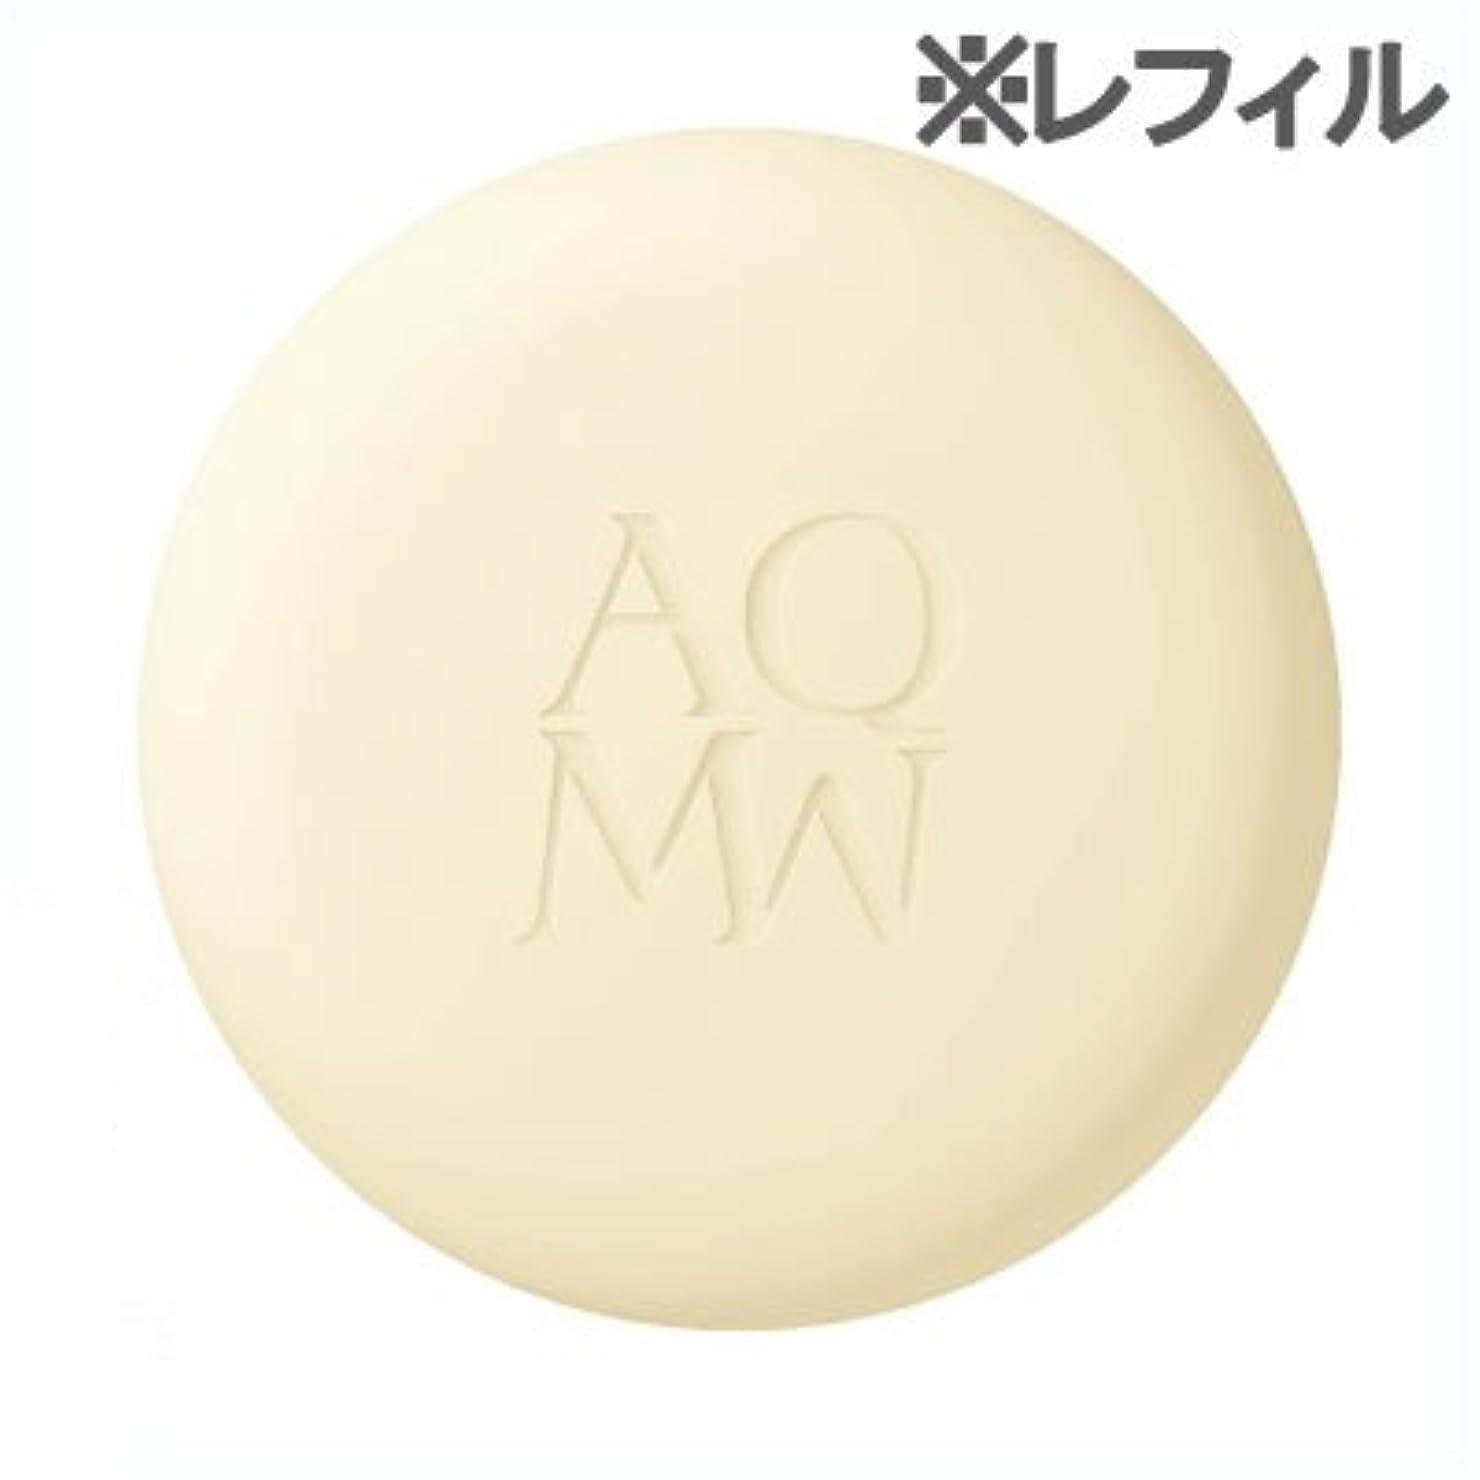 AQ MW フェイシャルバー 100g レフィル